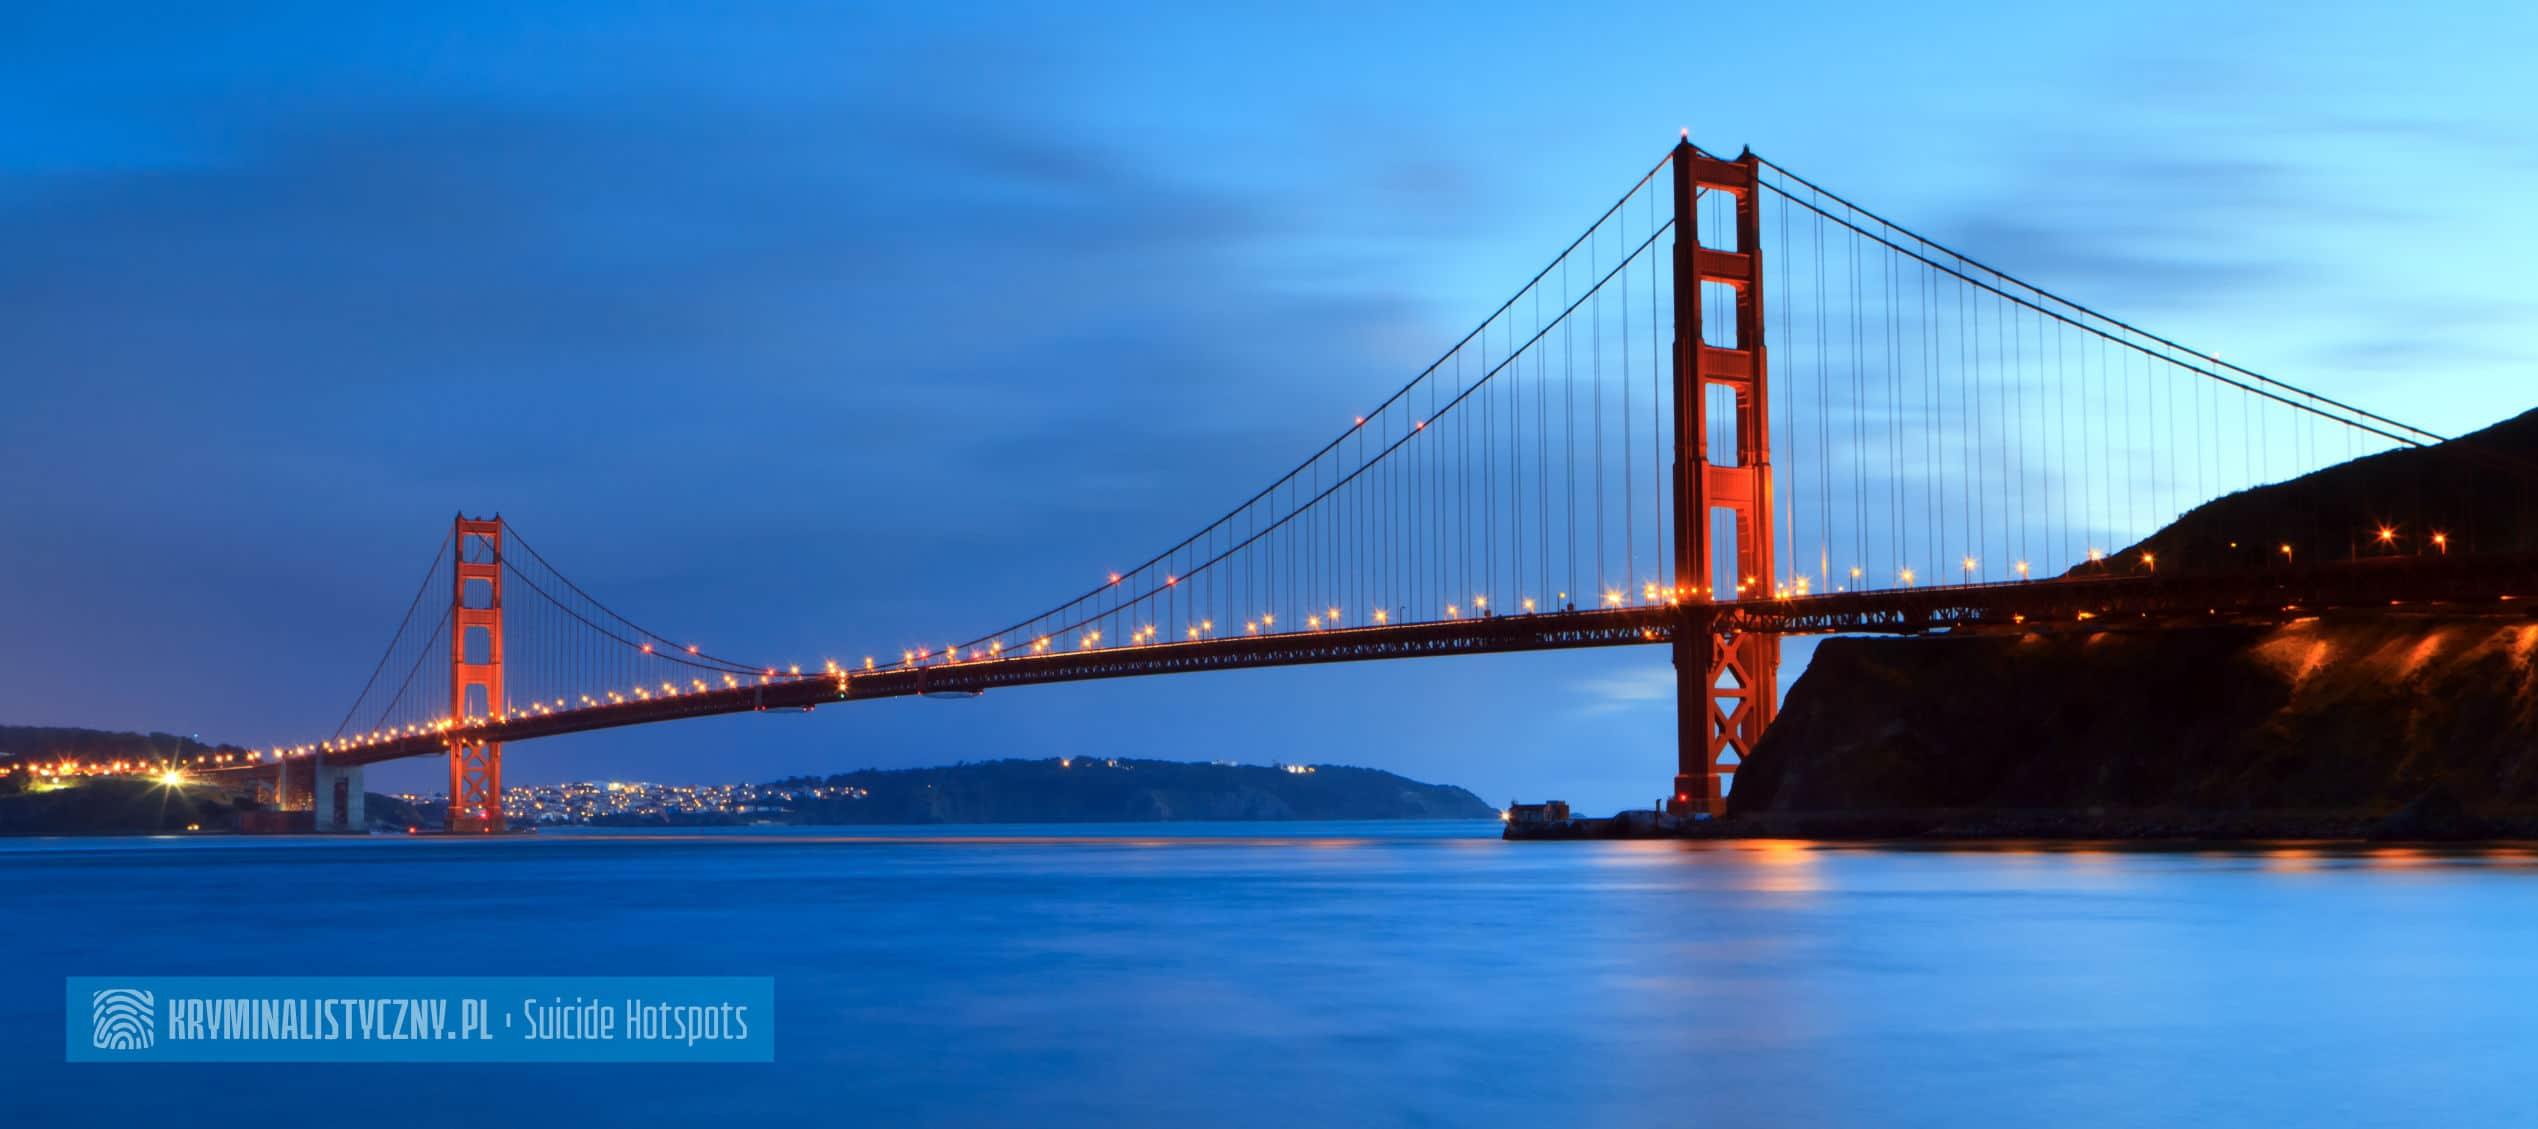 Suicide Hotspots Golden Gate Bridge